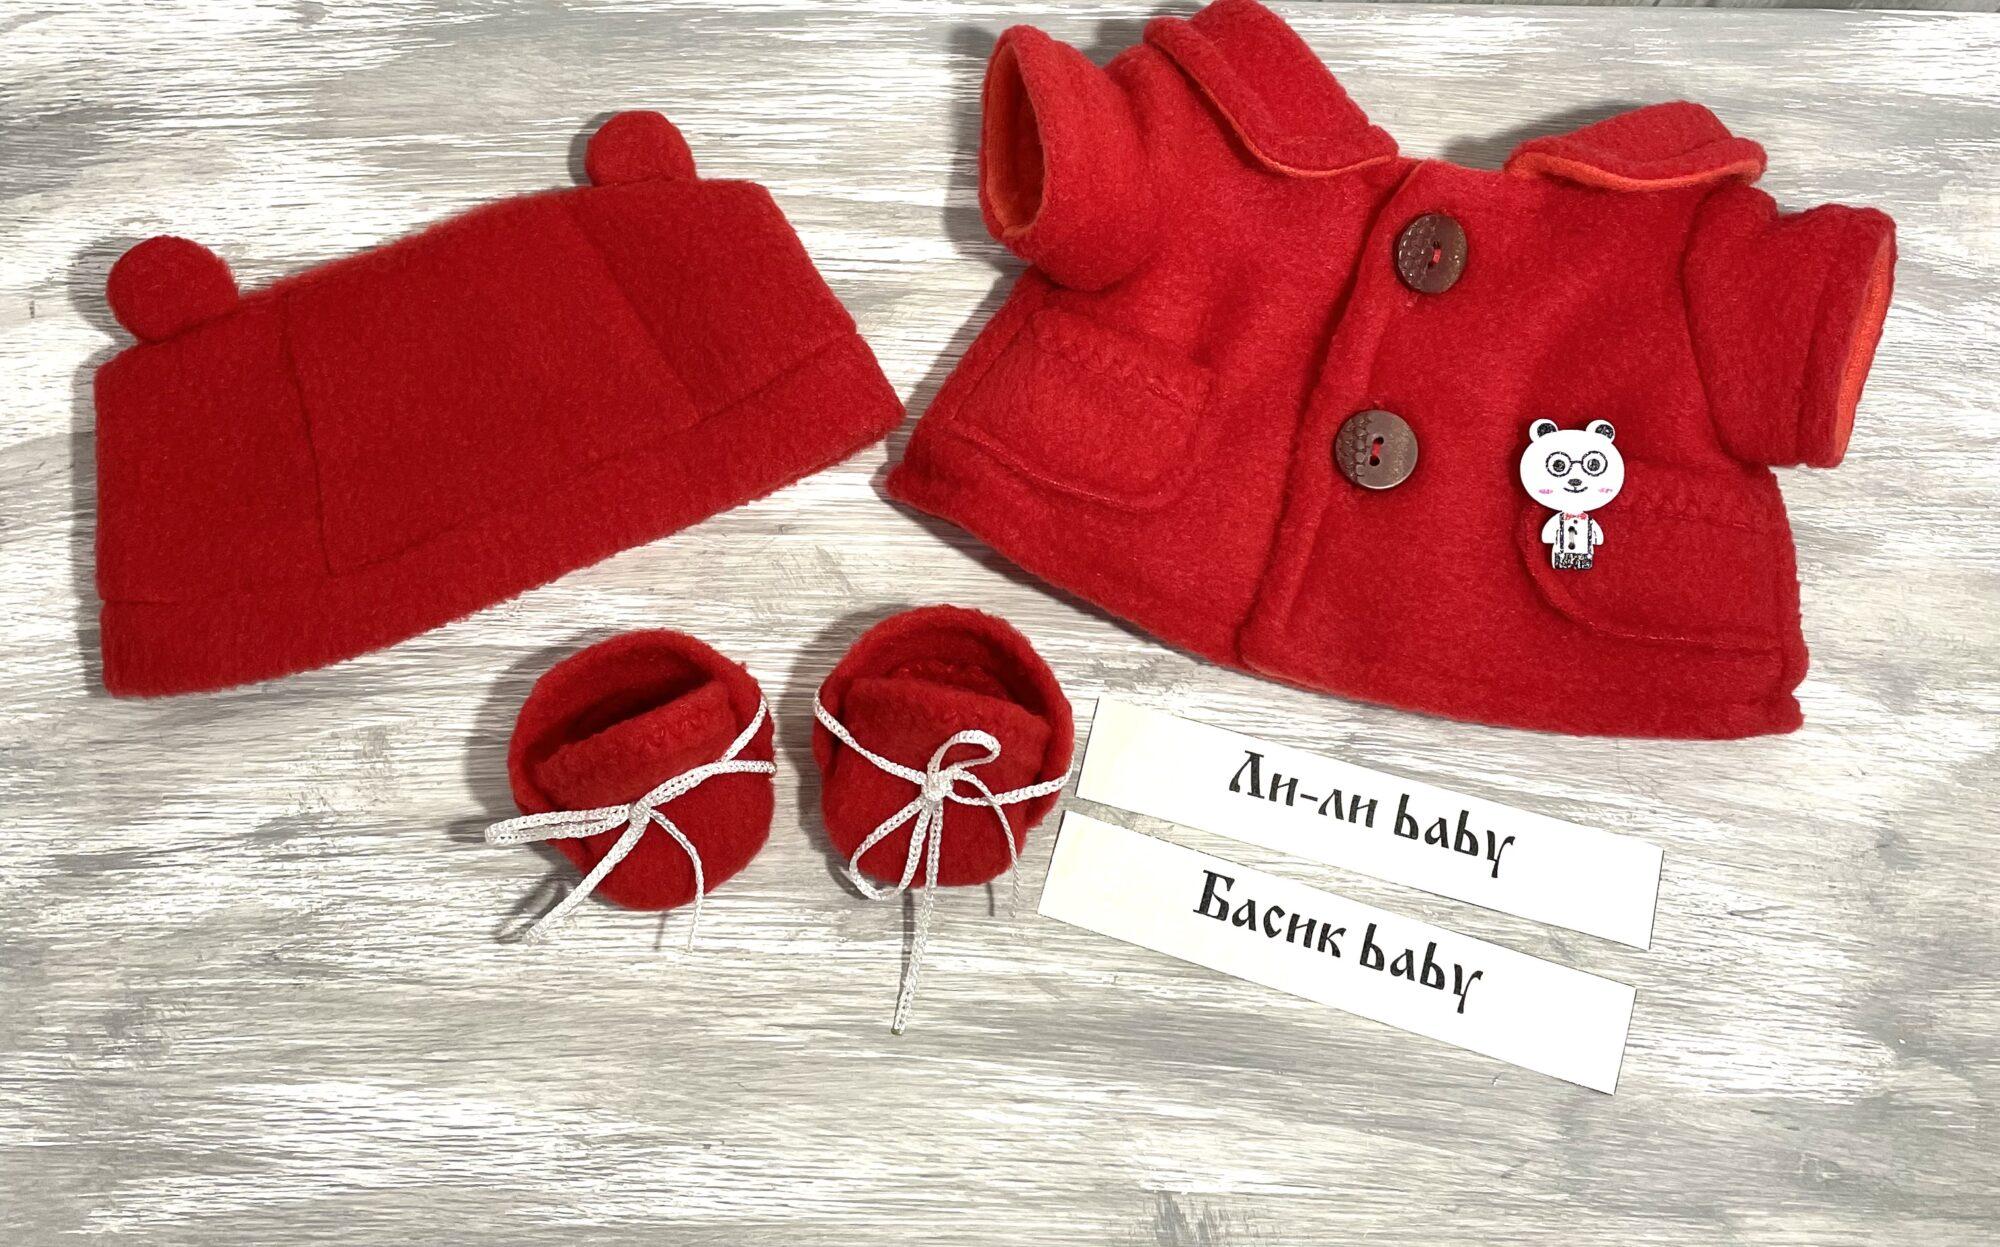 Акция! Выгода 150₽! Красный комплект: пальто с подкладкой, обувь и шапочка